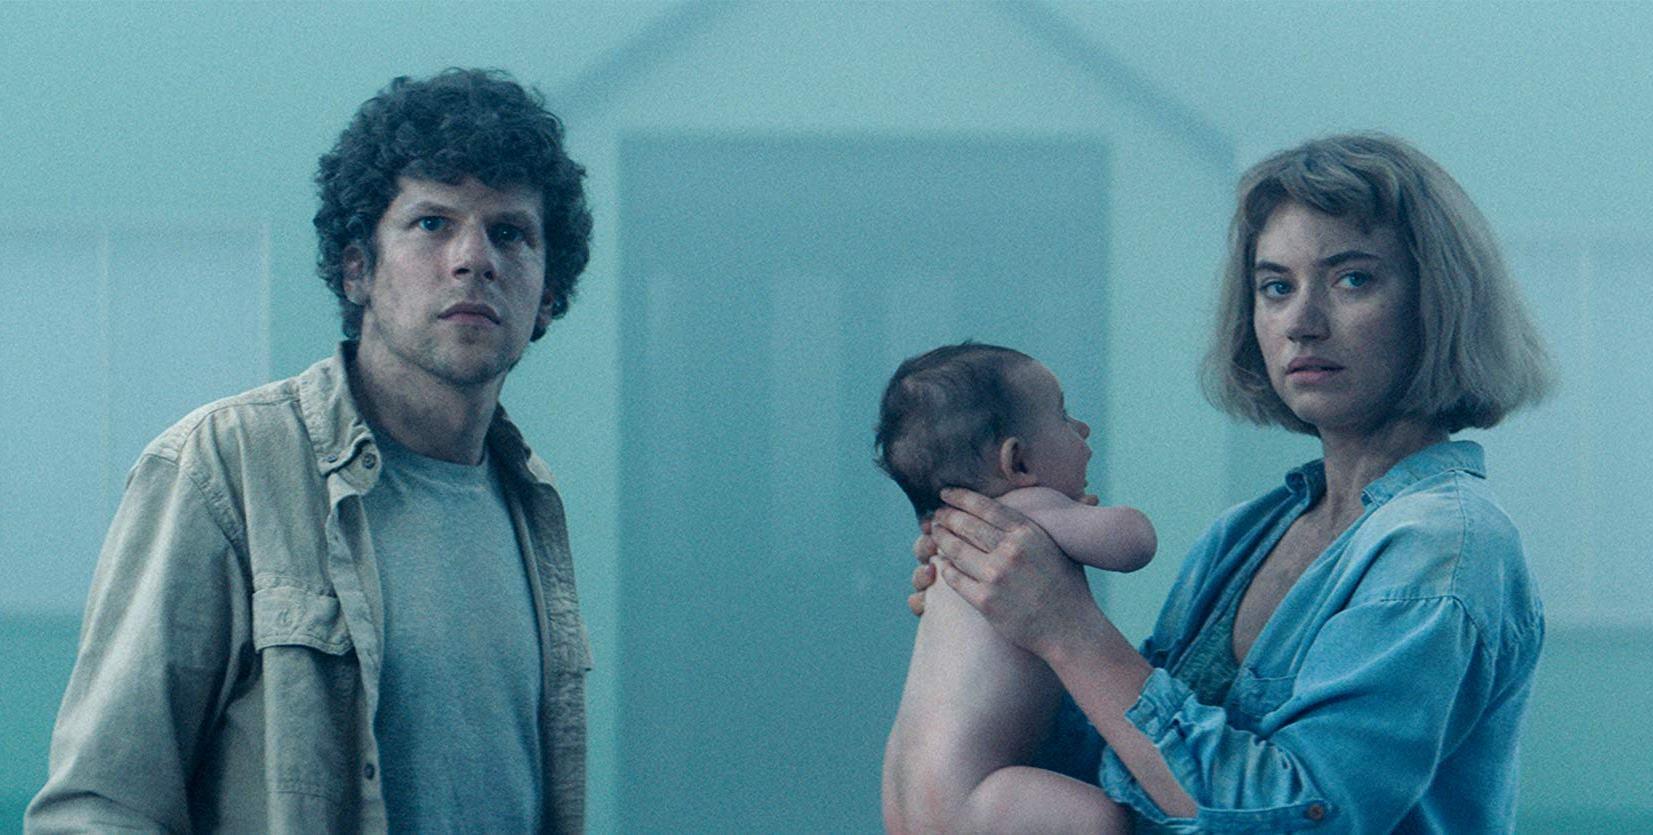 Jesse Eisenberg, Imogen Poots and their baby in Vivarium (2019)